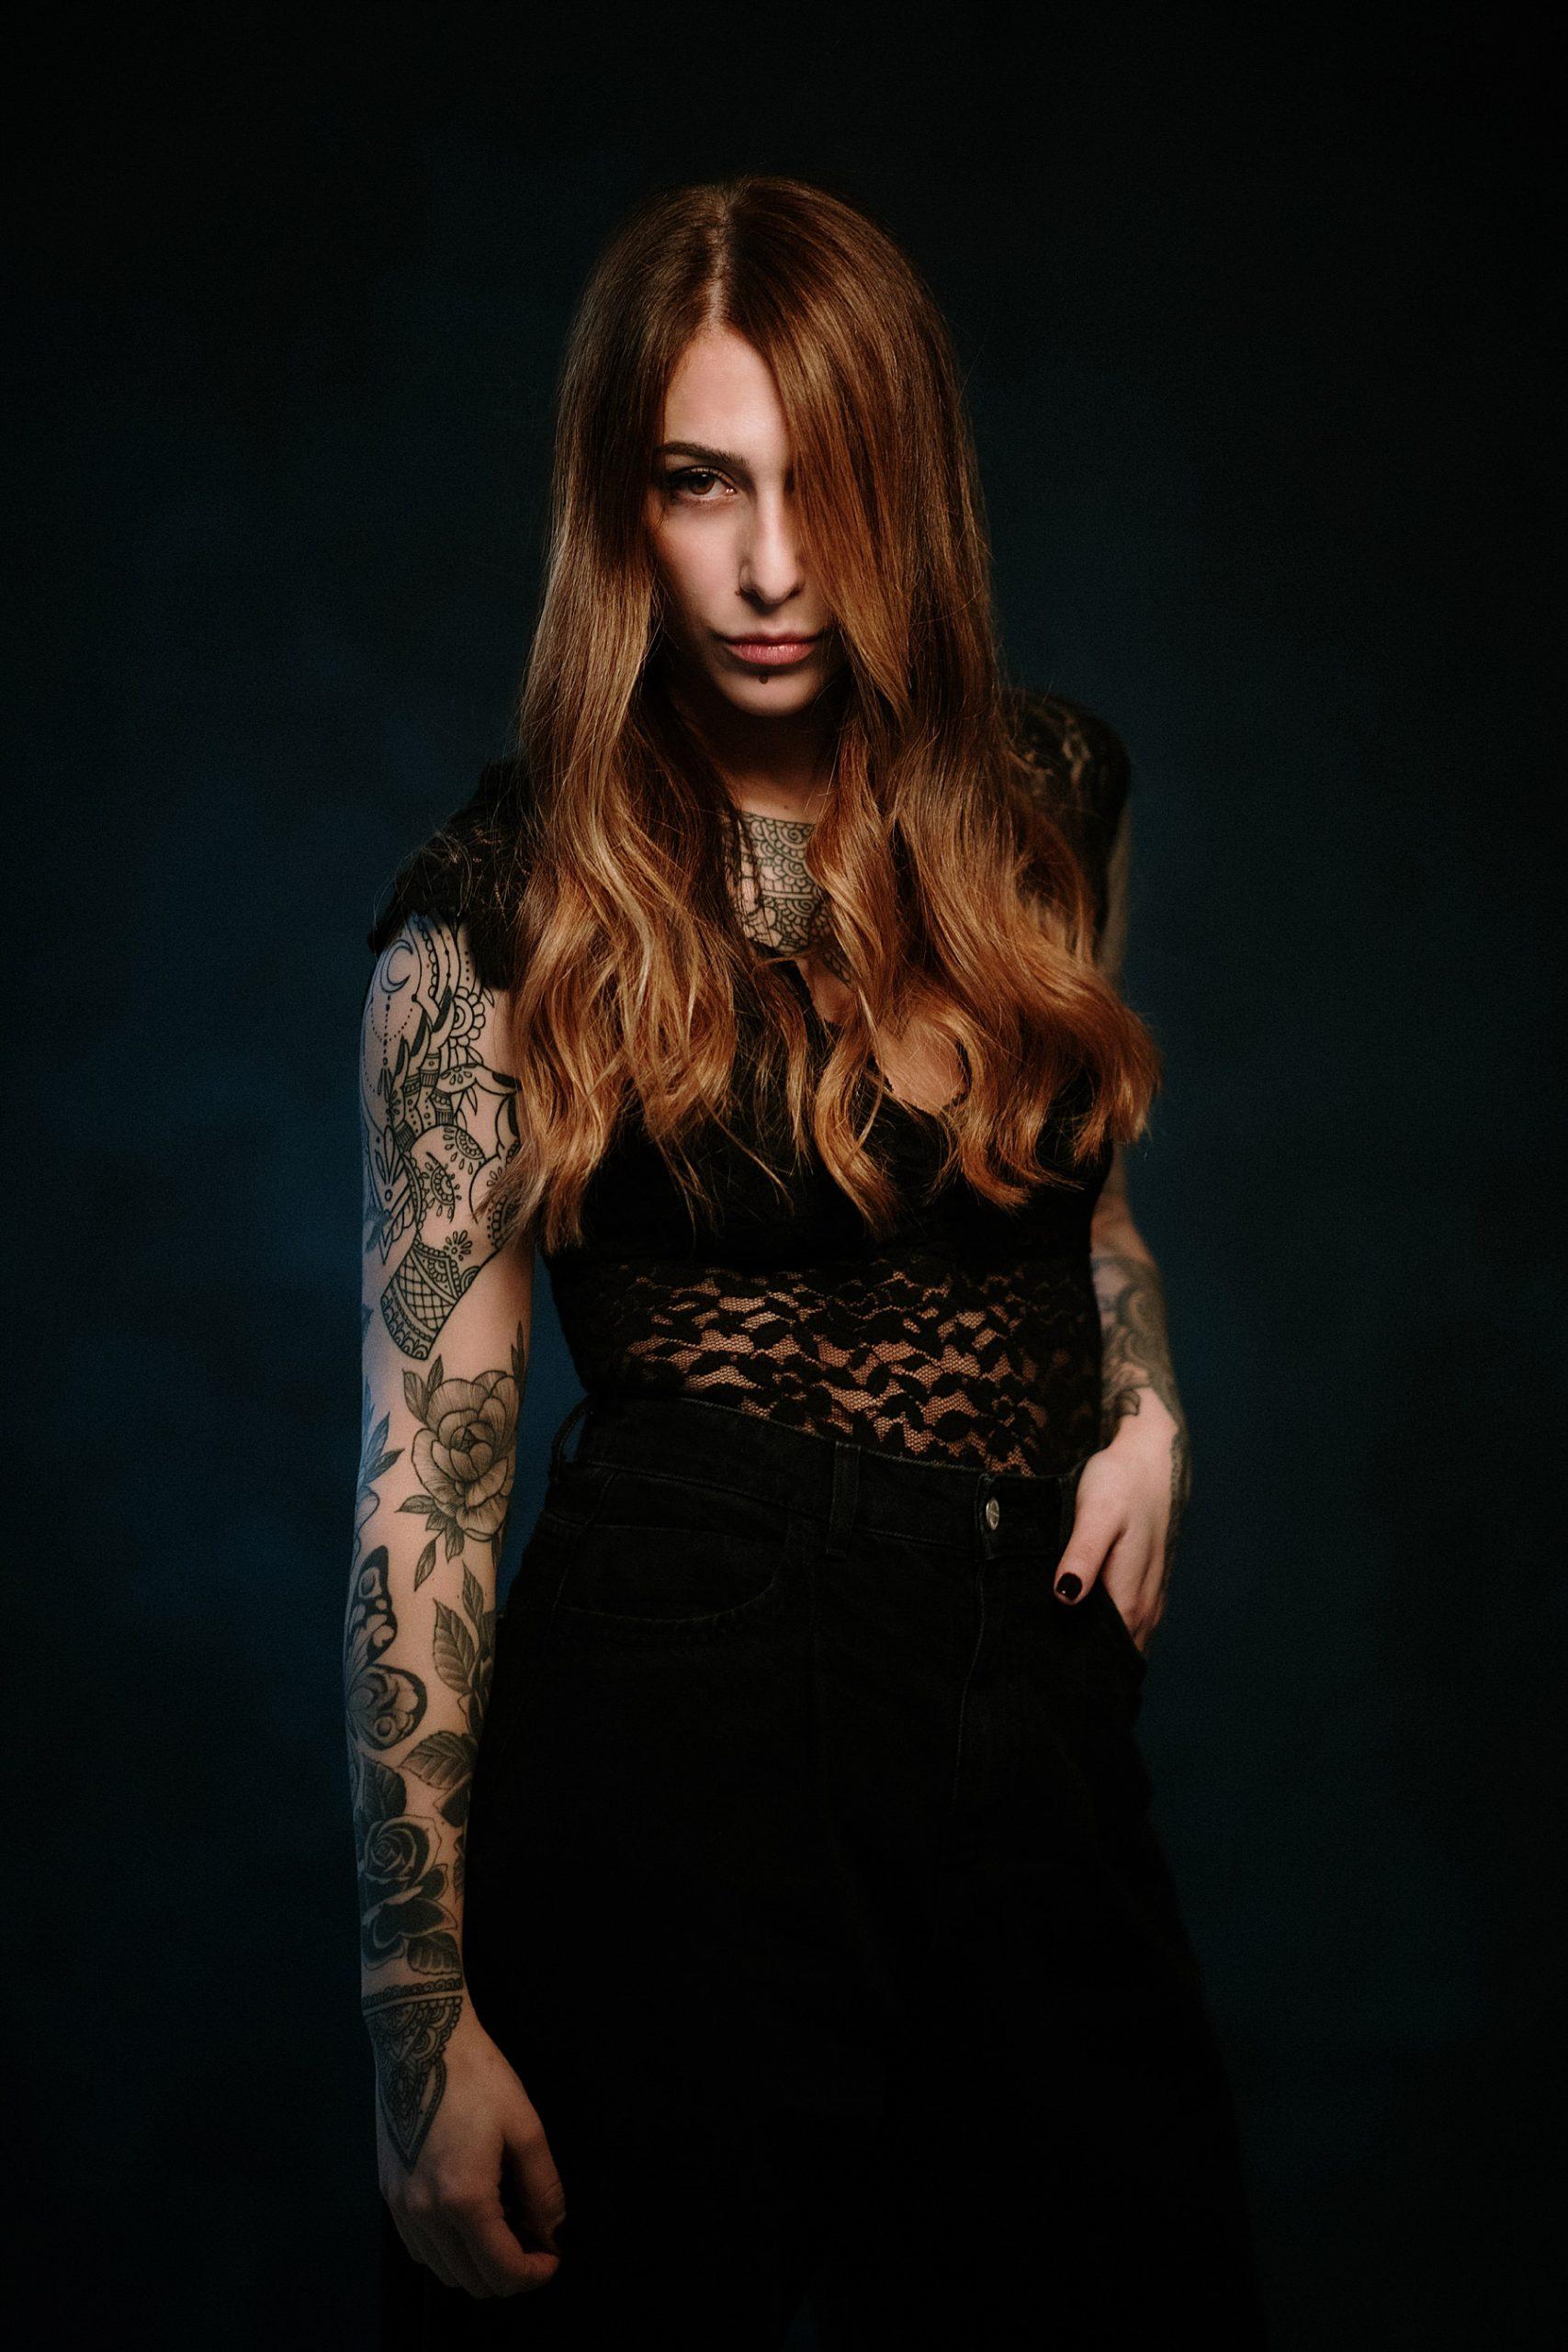 Bellissima modella tatuata dai capelli rossi